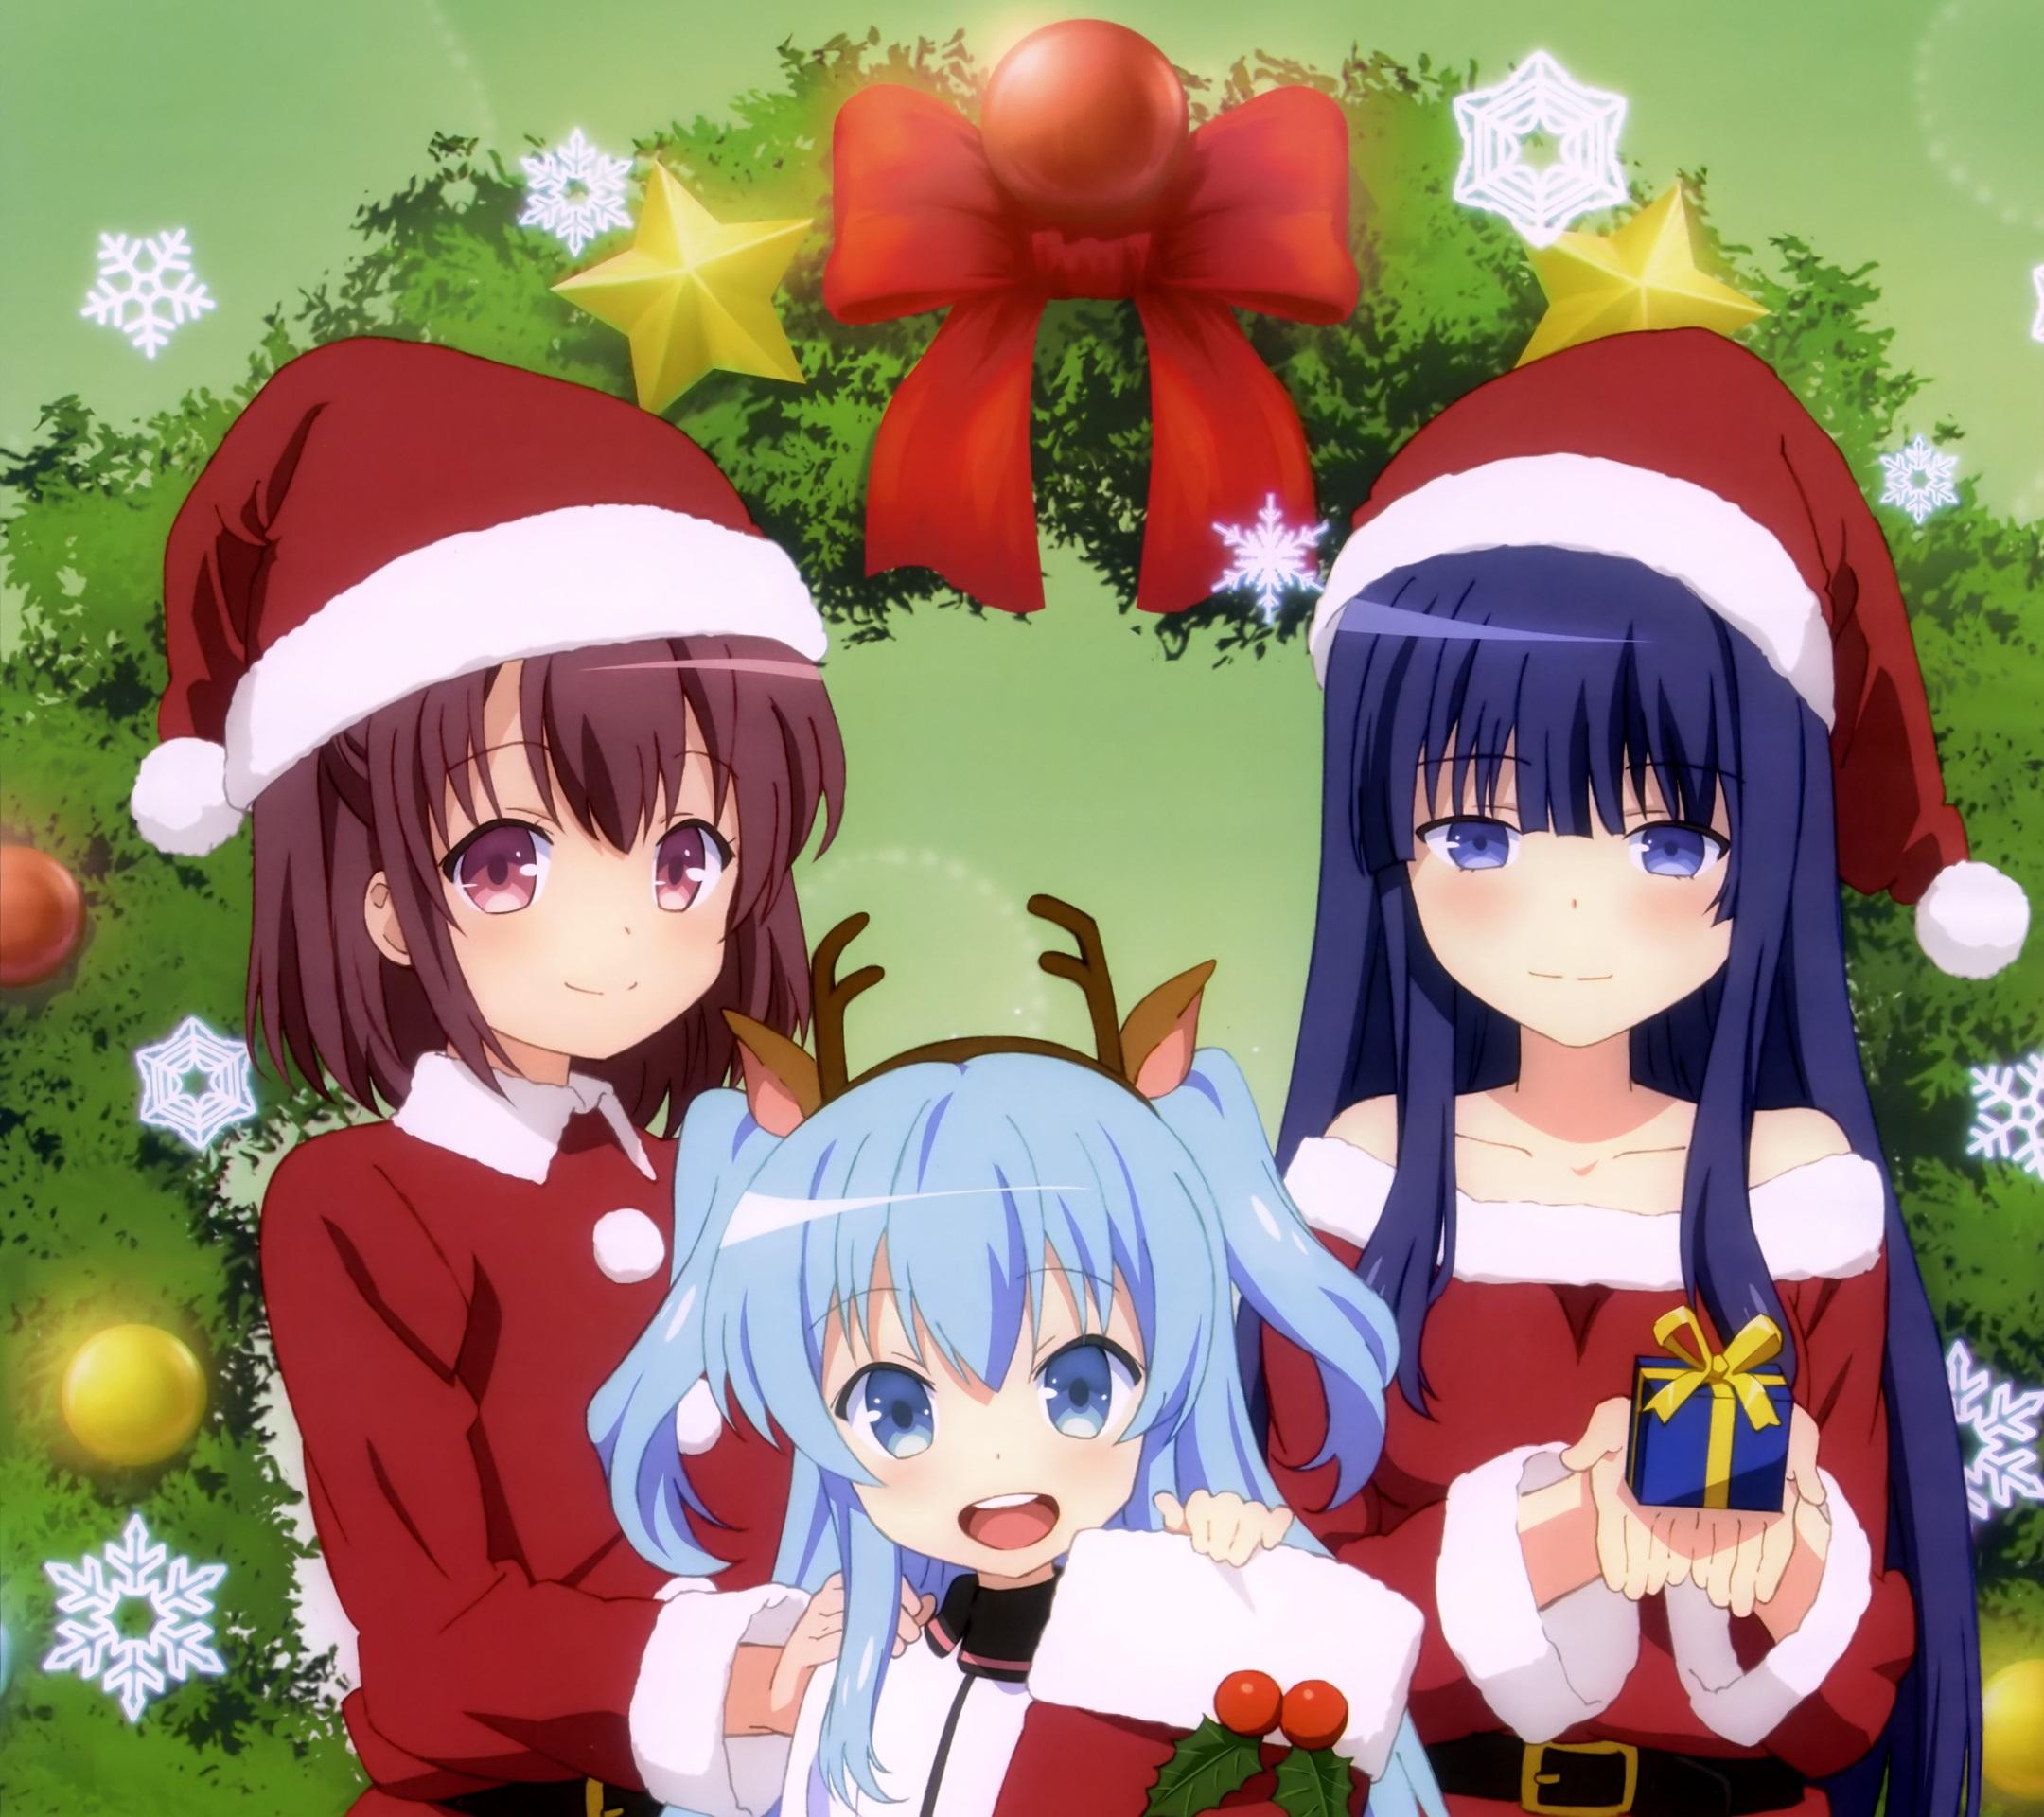 Christmas 2015 anime wallpapers - Anime merry christmas wallpaper ...